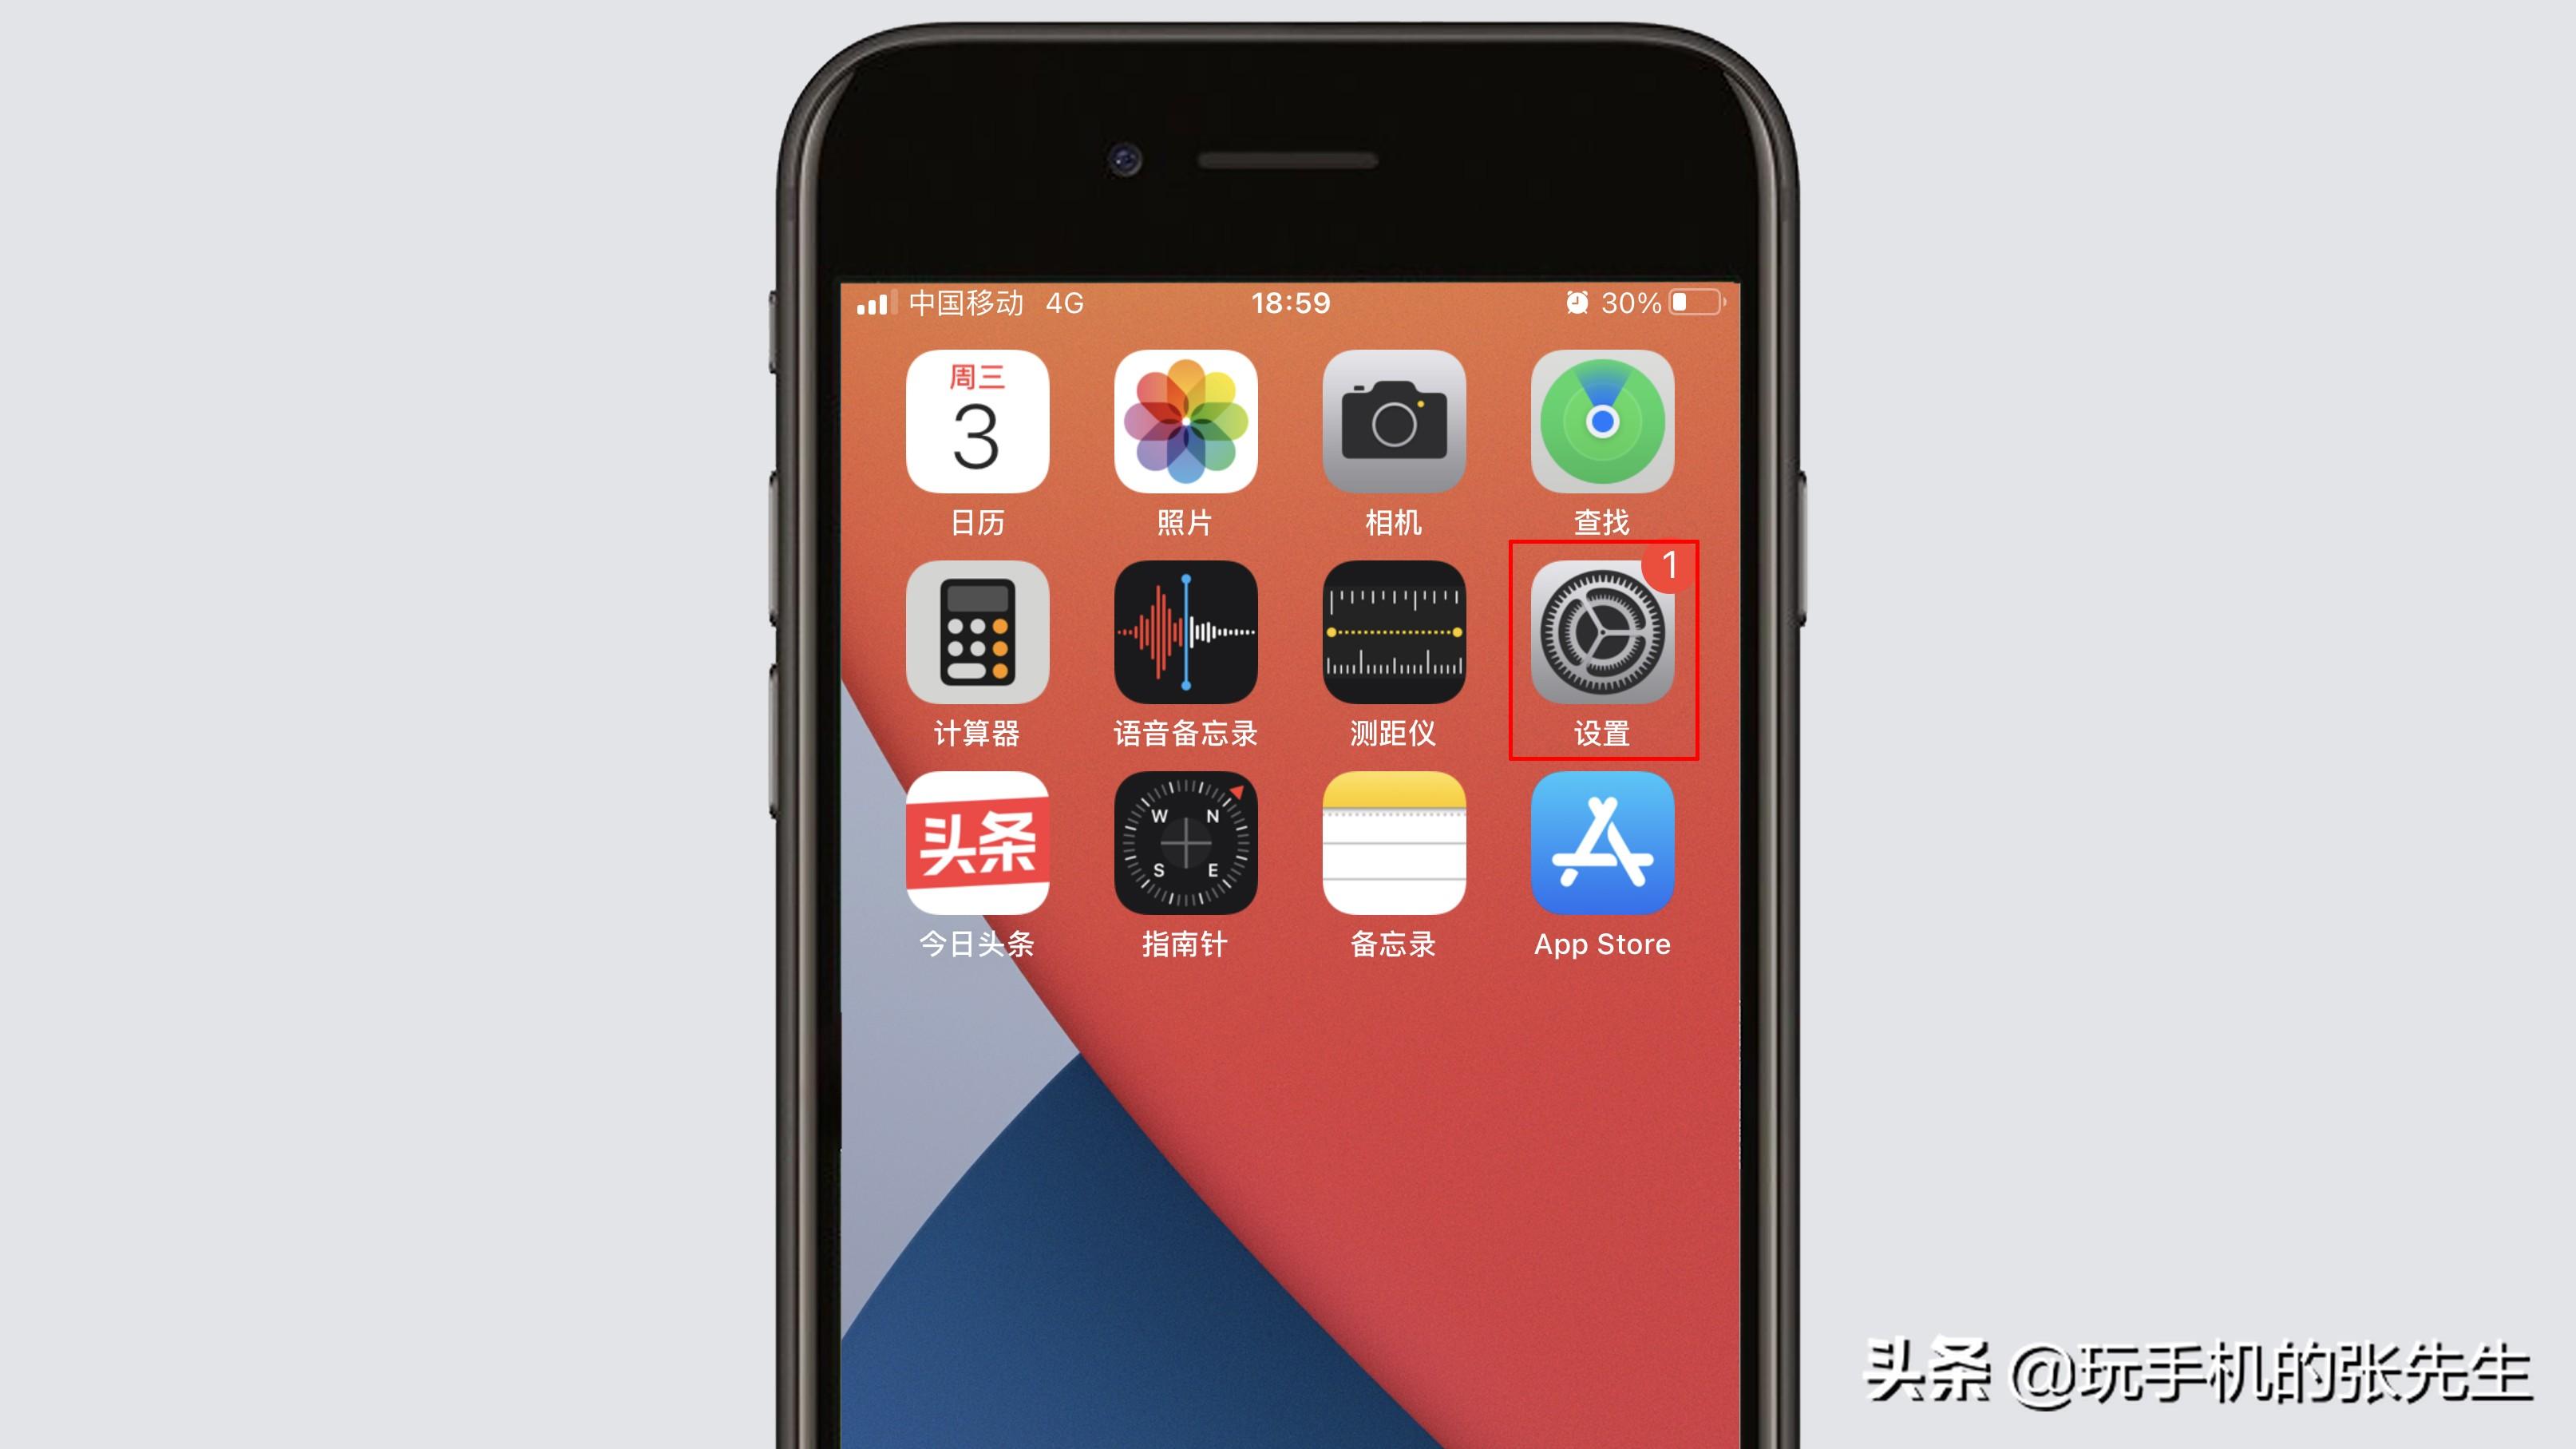 苹果手机信息有个红色感叹号(苹果手机信息怎样去掉感叹号)